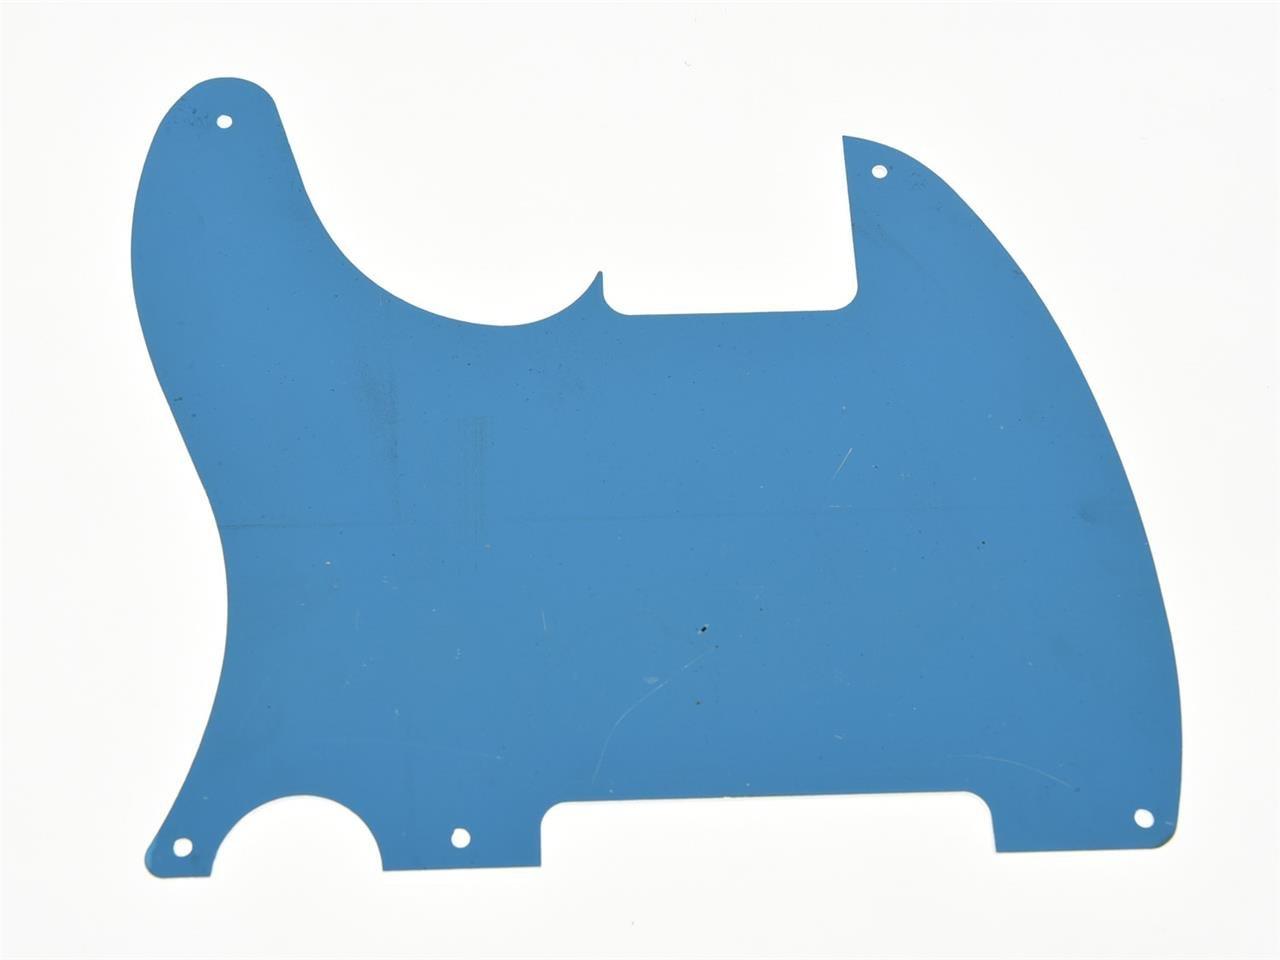 Kaish argento specchio 5/fori tele Blank Pickguard scratch piastra no foro pickup per Fender Esquire